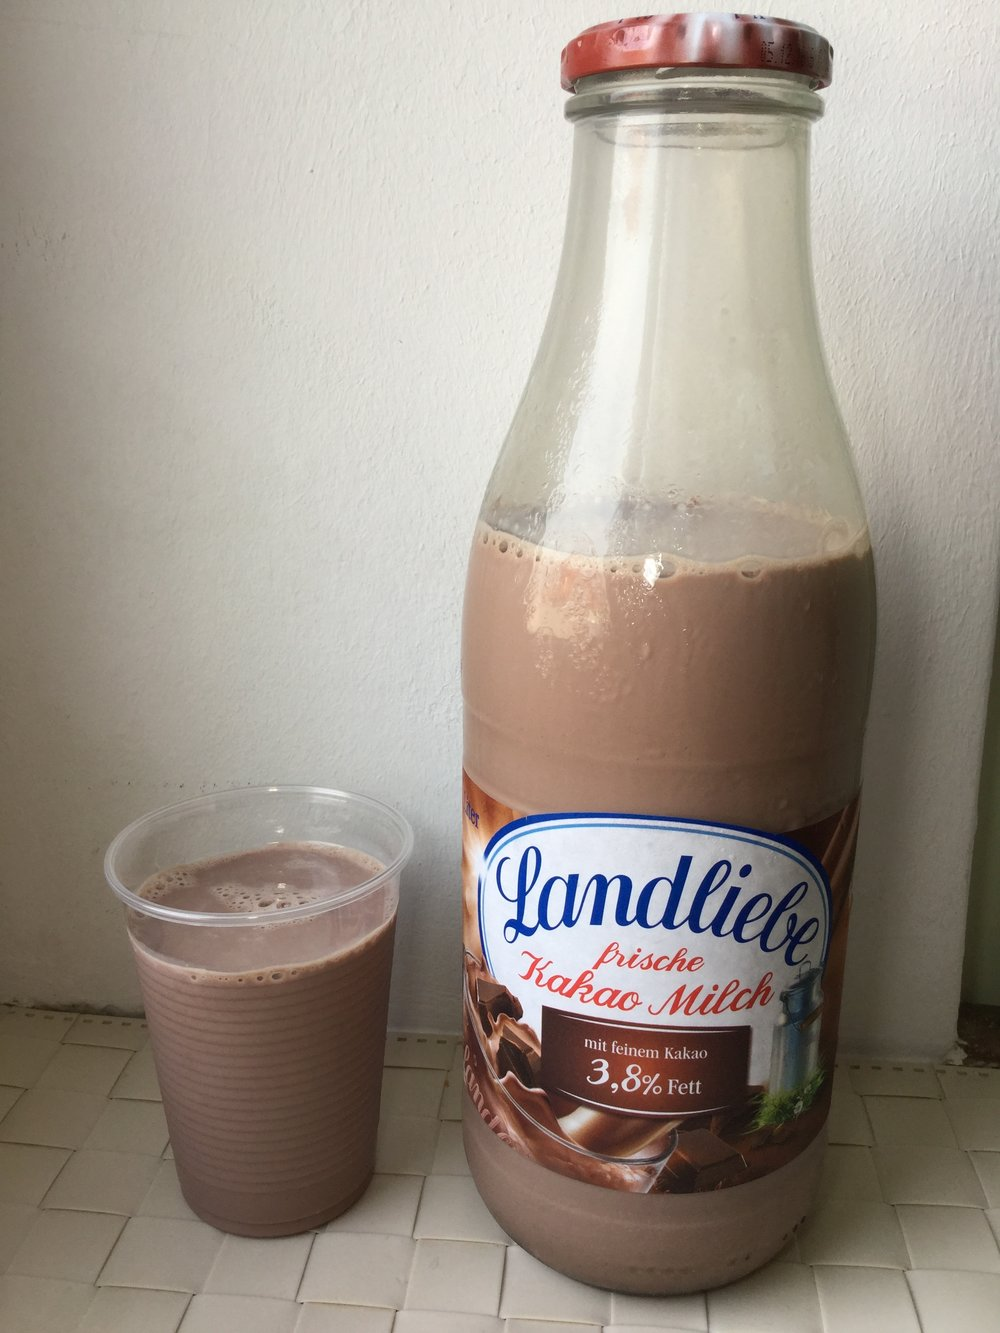 Landliebe Frische Kakao Milch Cup